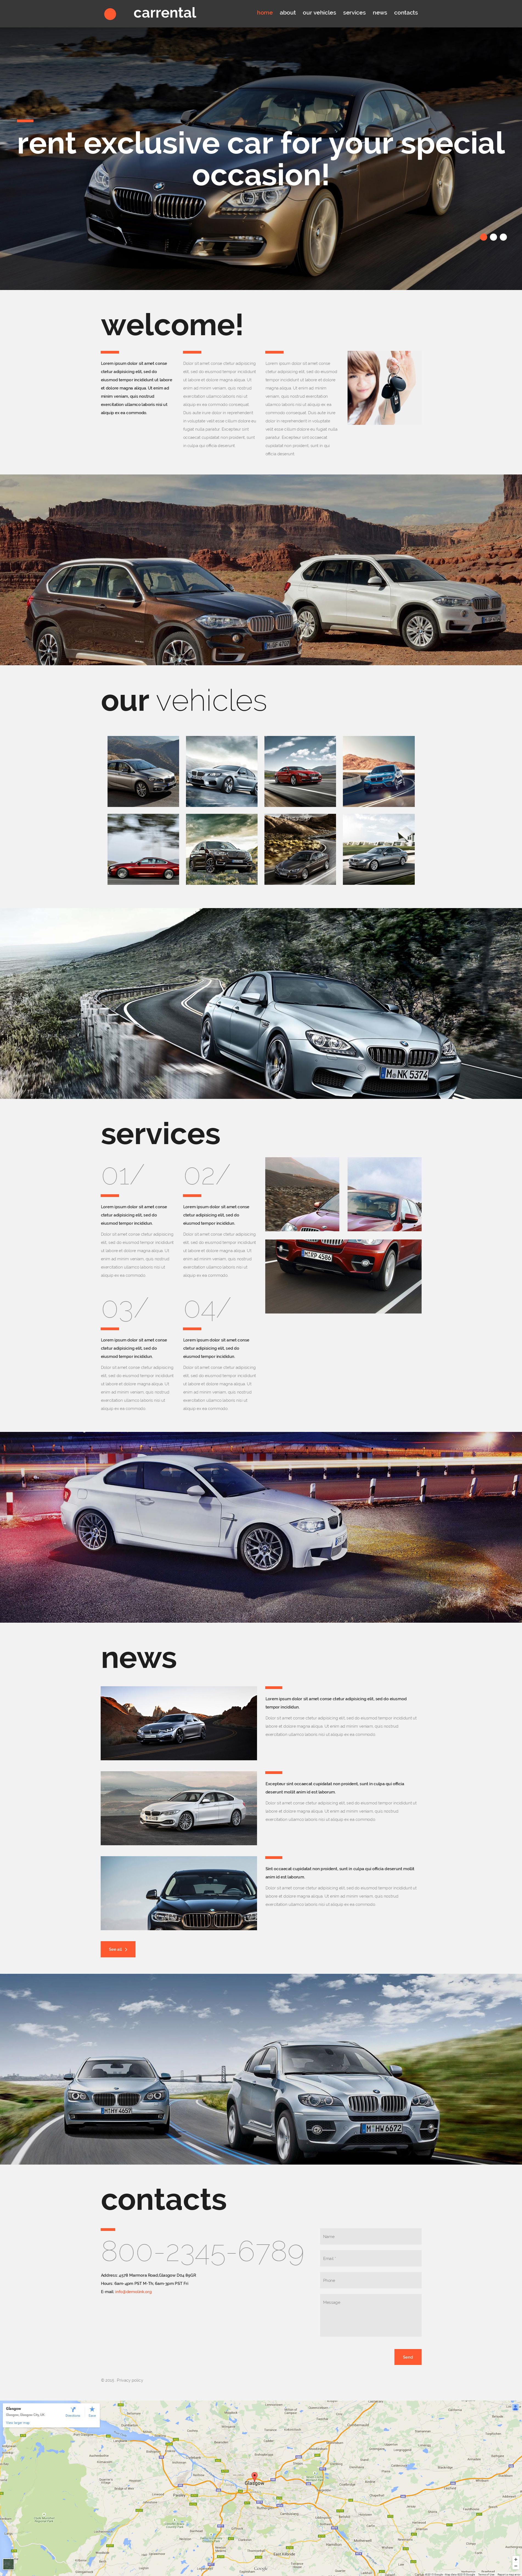 Modèle Moto CMS 3 adaptatif pour site de sociétés de location de voitures #53723